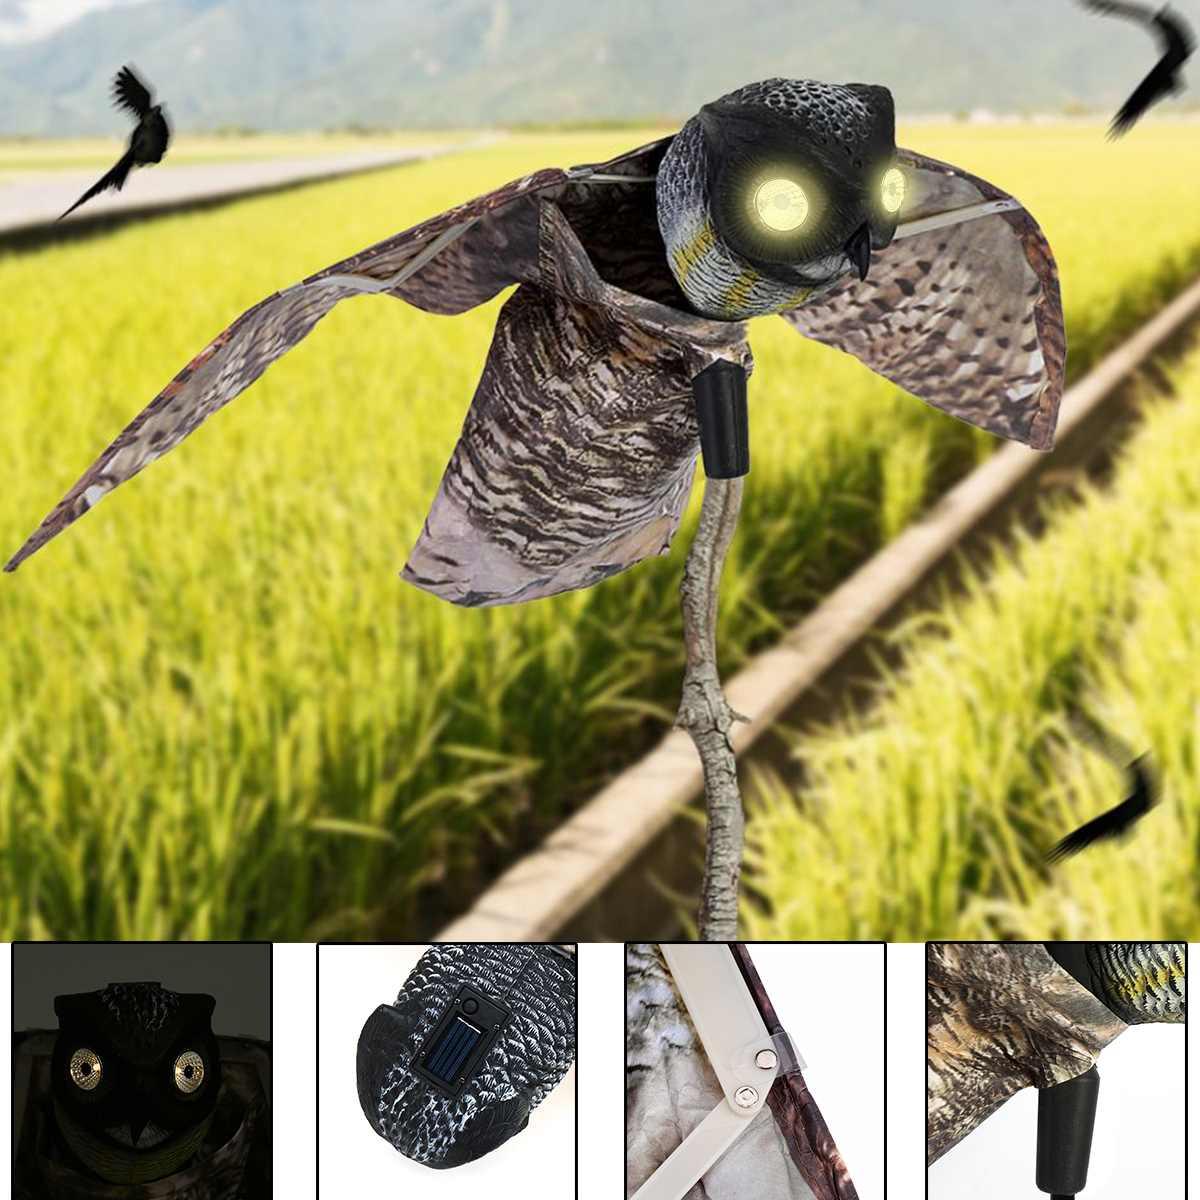 Ev ve Bahçe'ten Kovucular'de Kuş Scarer Dinamik Hareketli Kanatları Gerçekçi Plastik Sahte Baykuş Yem Haşere Kovucu Kuş Korkutmak Bahçe Yard Dekor Dış Dekorasyon title=